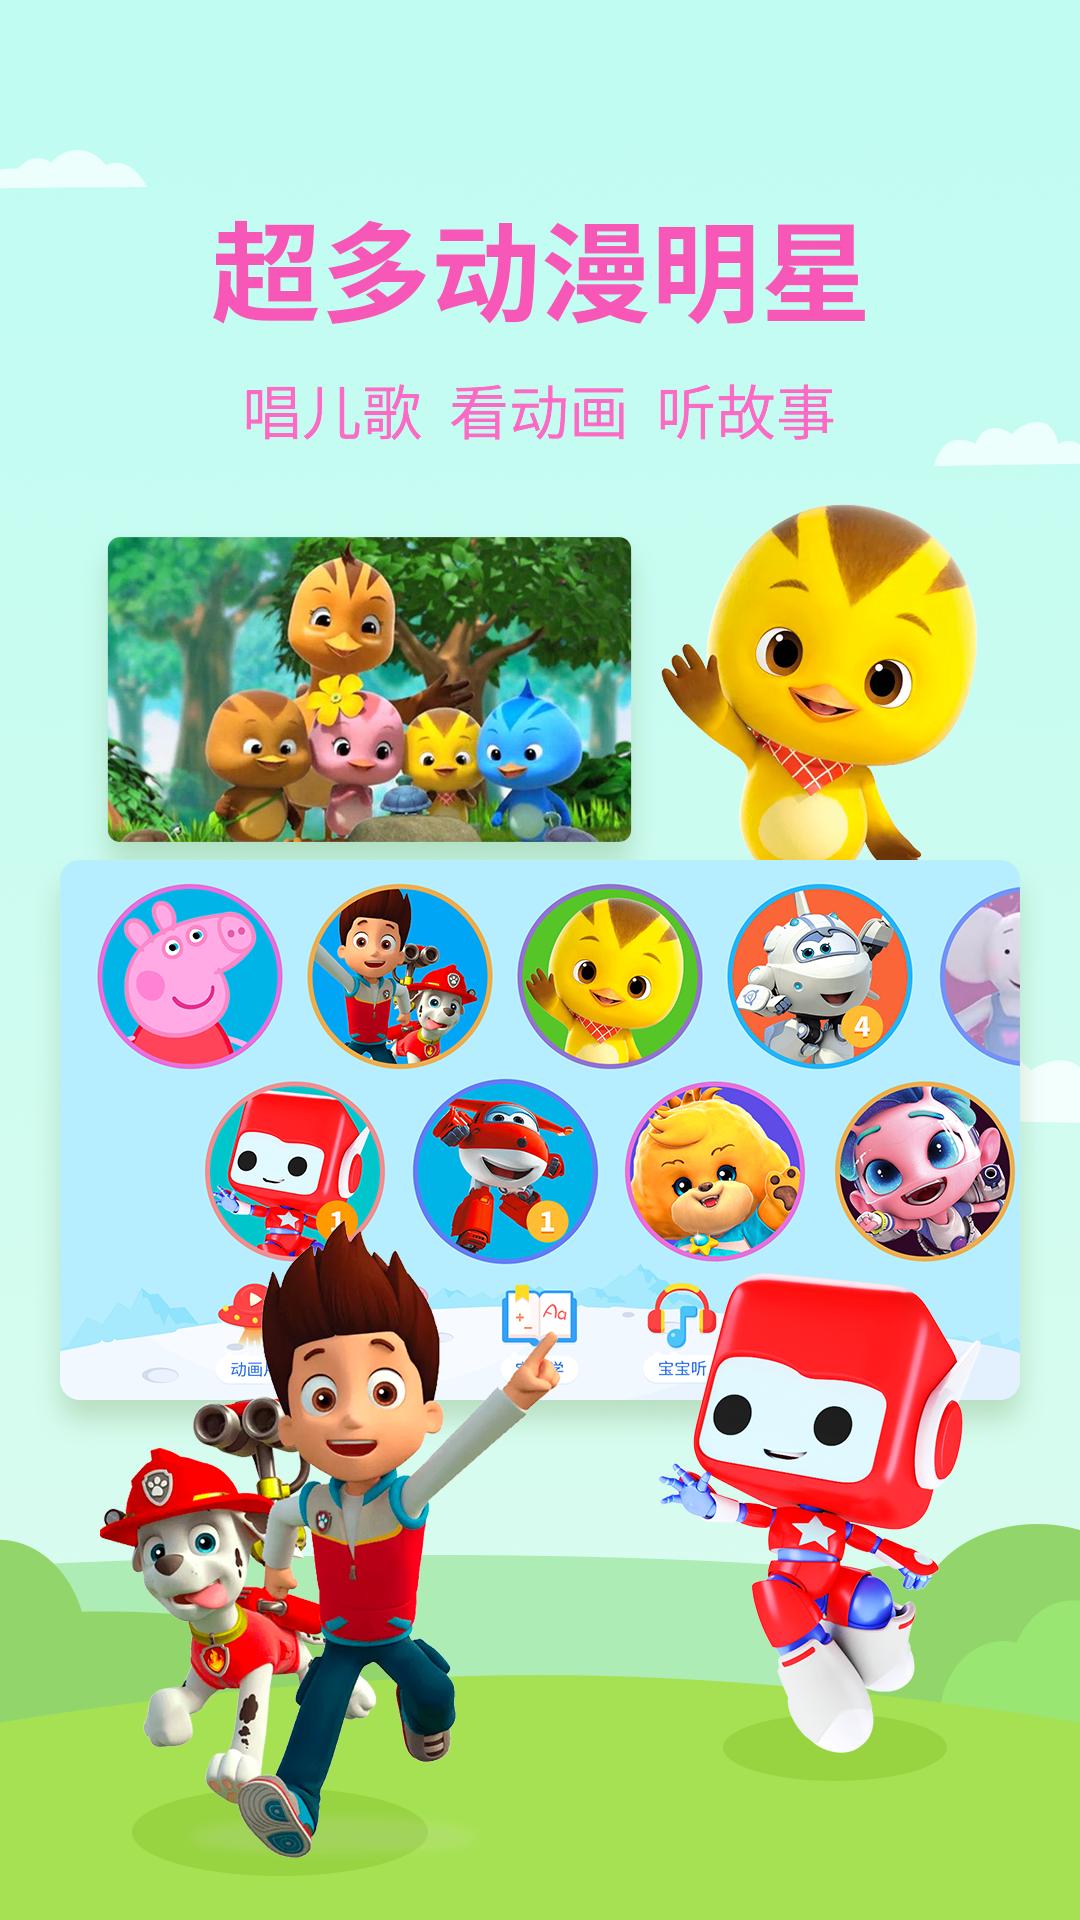 多多动画屋app下载安装图片1